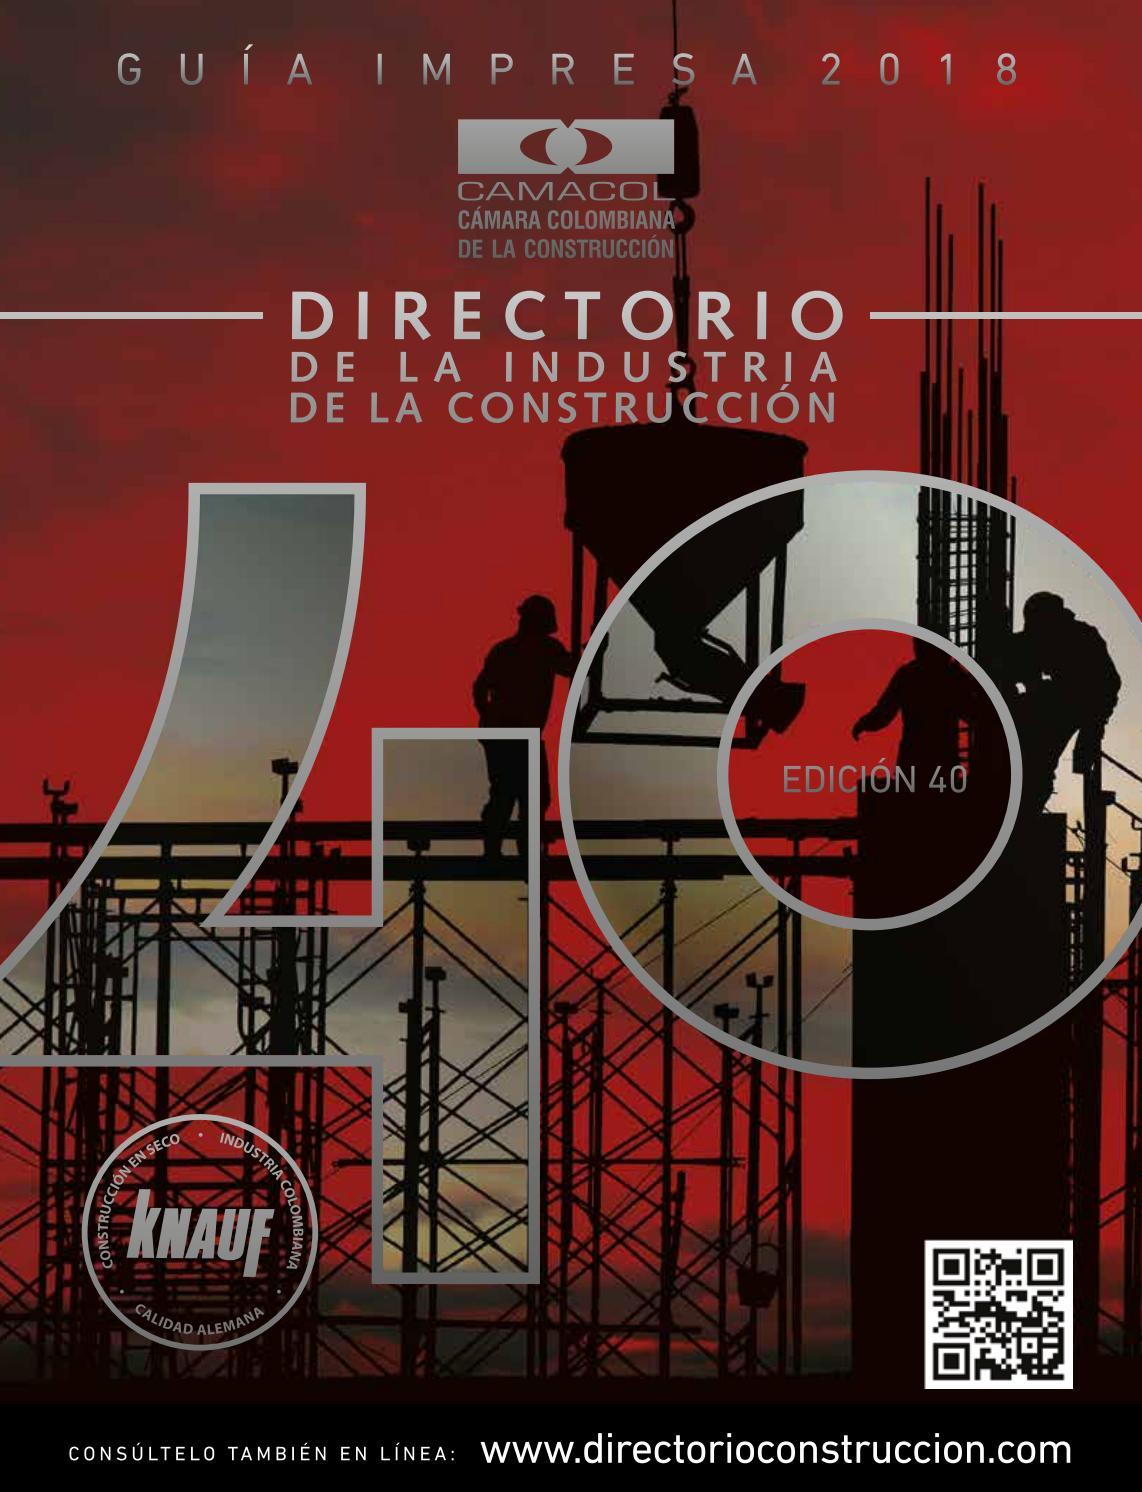 Directorio de la Industria de la Cosntrucción by Ana Marcela Duque - issuu b823f43cfa90